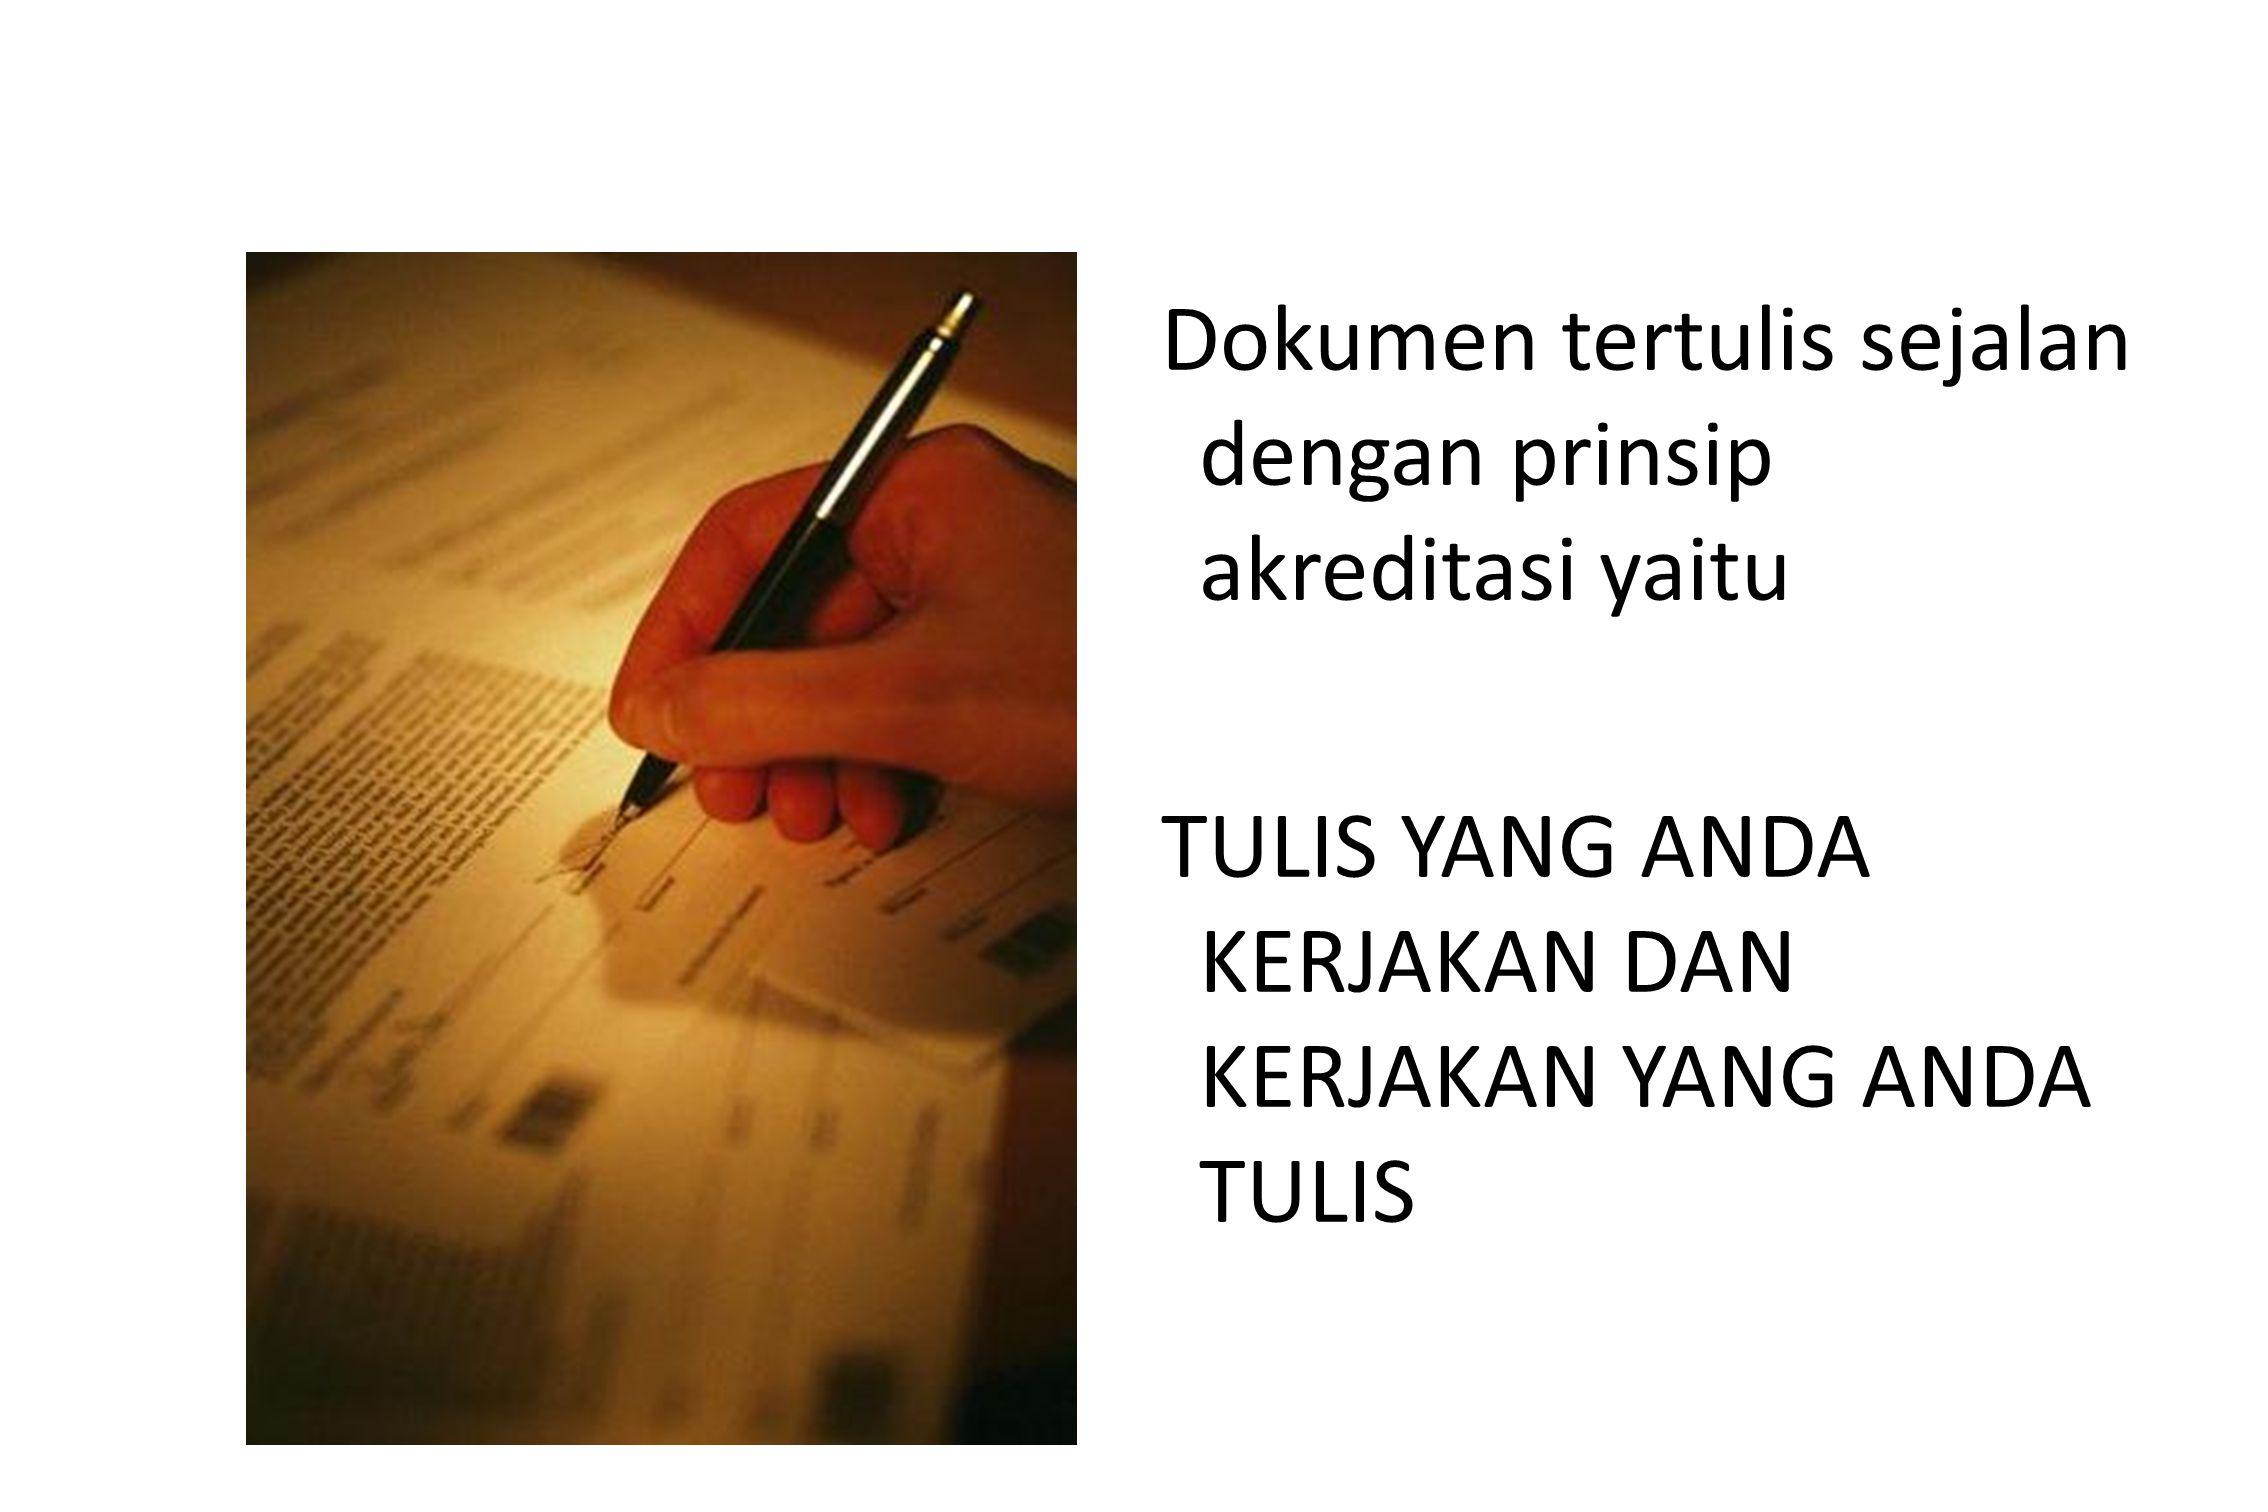 Dokumen tertulis sejalan dengan prinsip akreditasi yaitu TULIS YANG ANDA KERJAKAN DAN KERJAKAN YANG ANDA TULIS